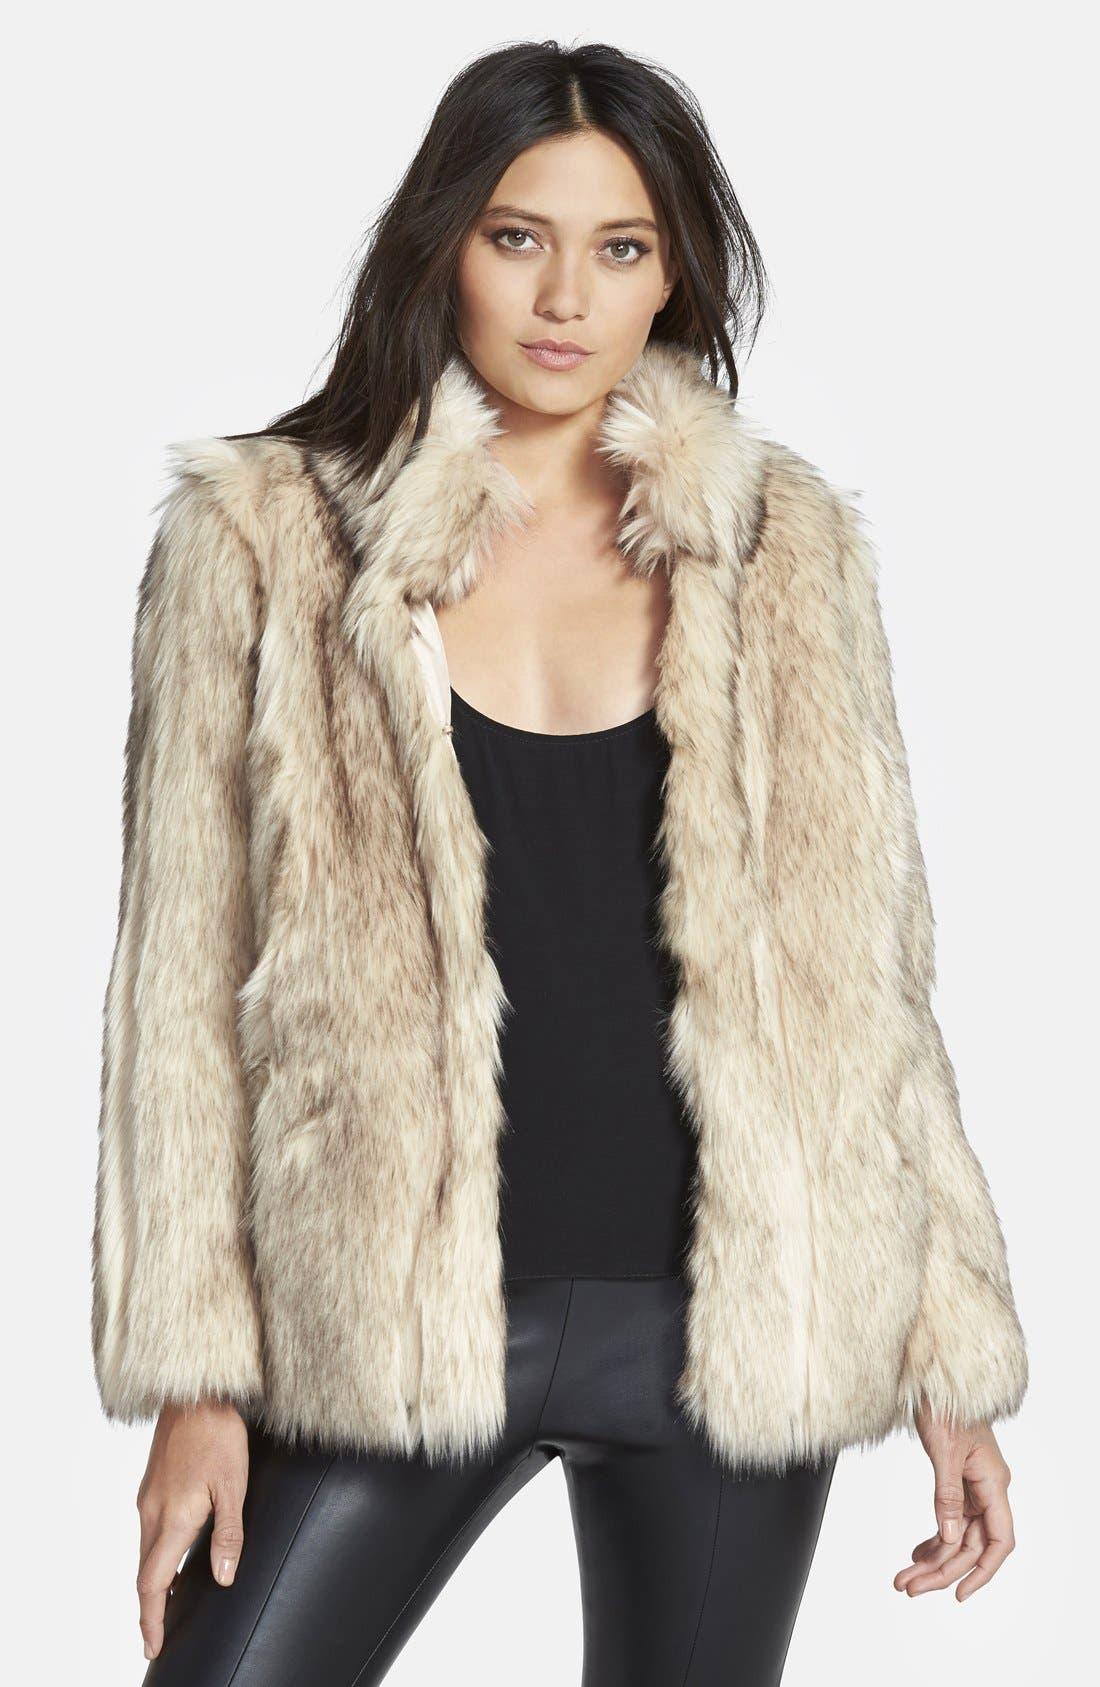 TOPSHOP, 'Leah' Faux Fur Coat, Main thumbnail 1, color, 101